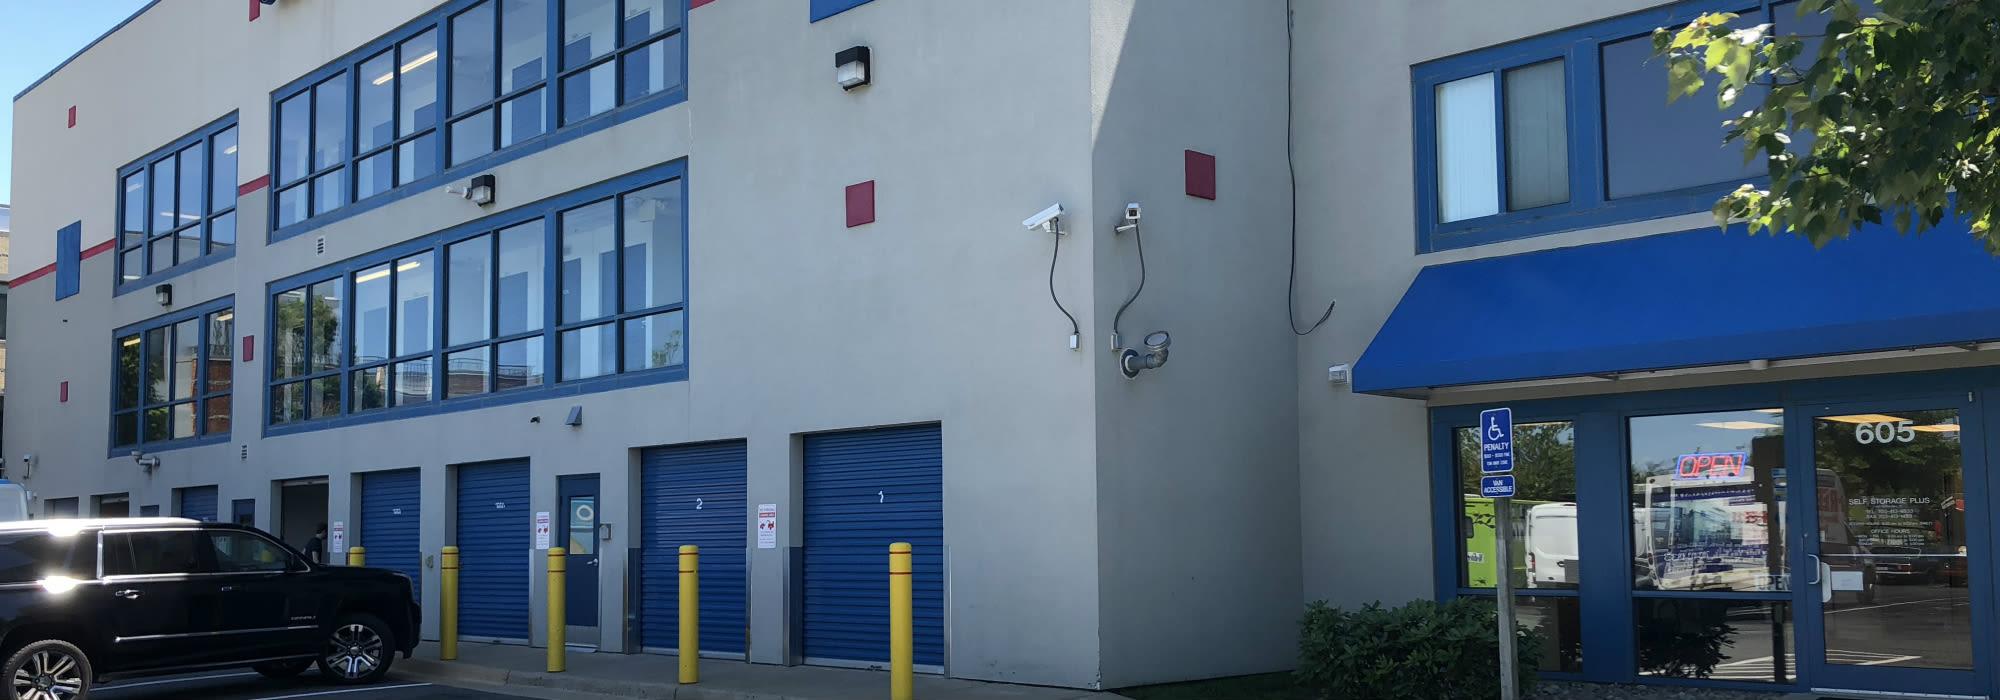 Self Storage In Arlington VA